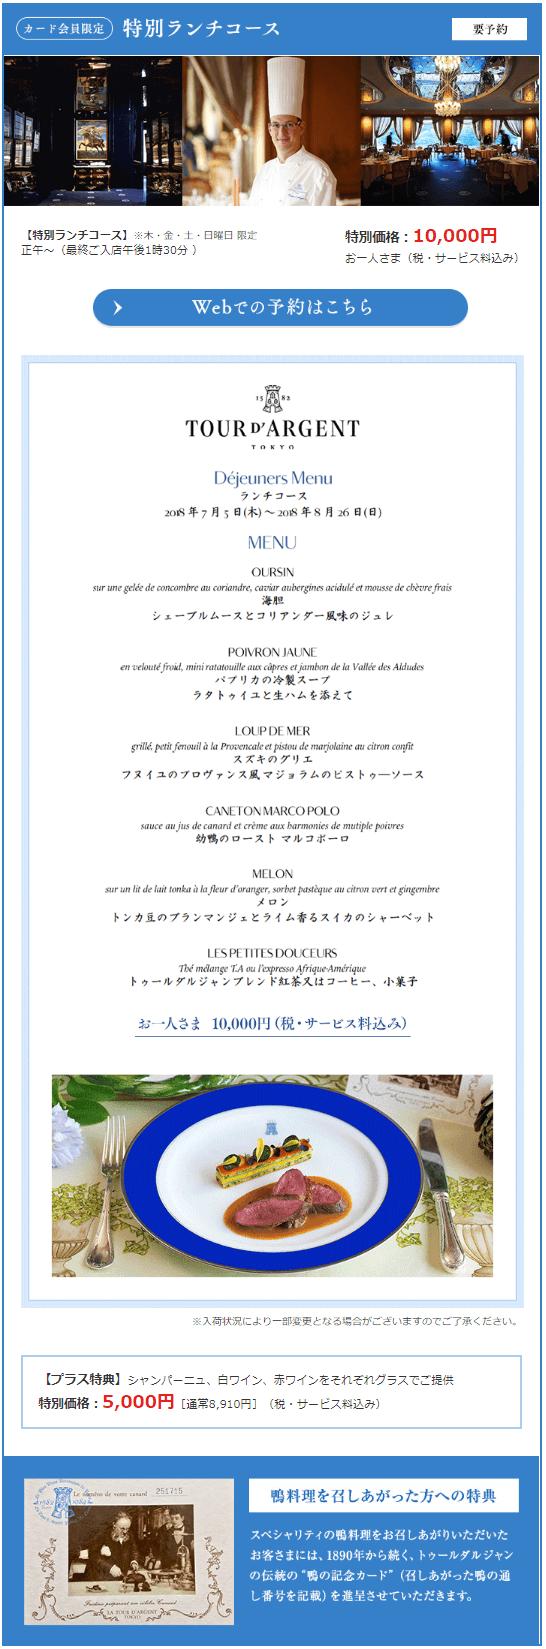 ホテルニューオータニのフランス料理「トゥールダルジャン 東京」のエムアイカード会員限定の特別メニュー